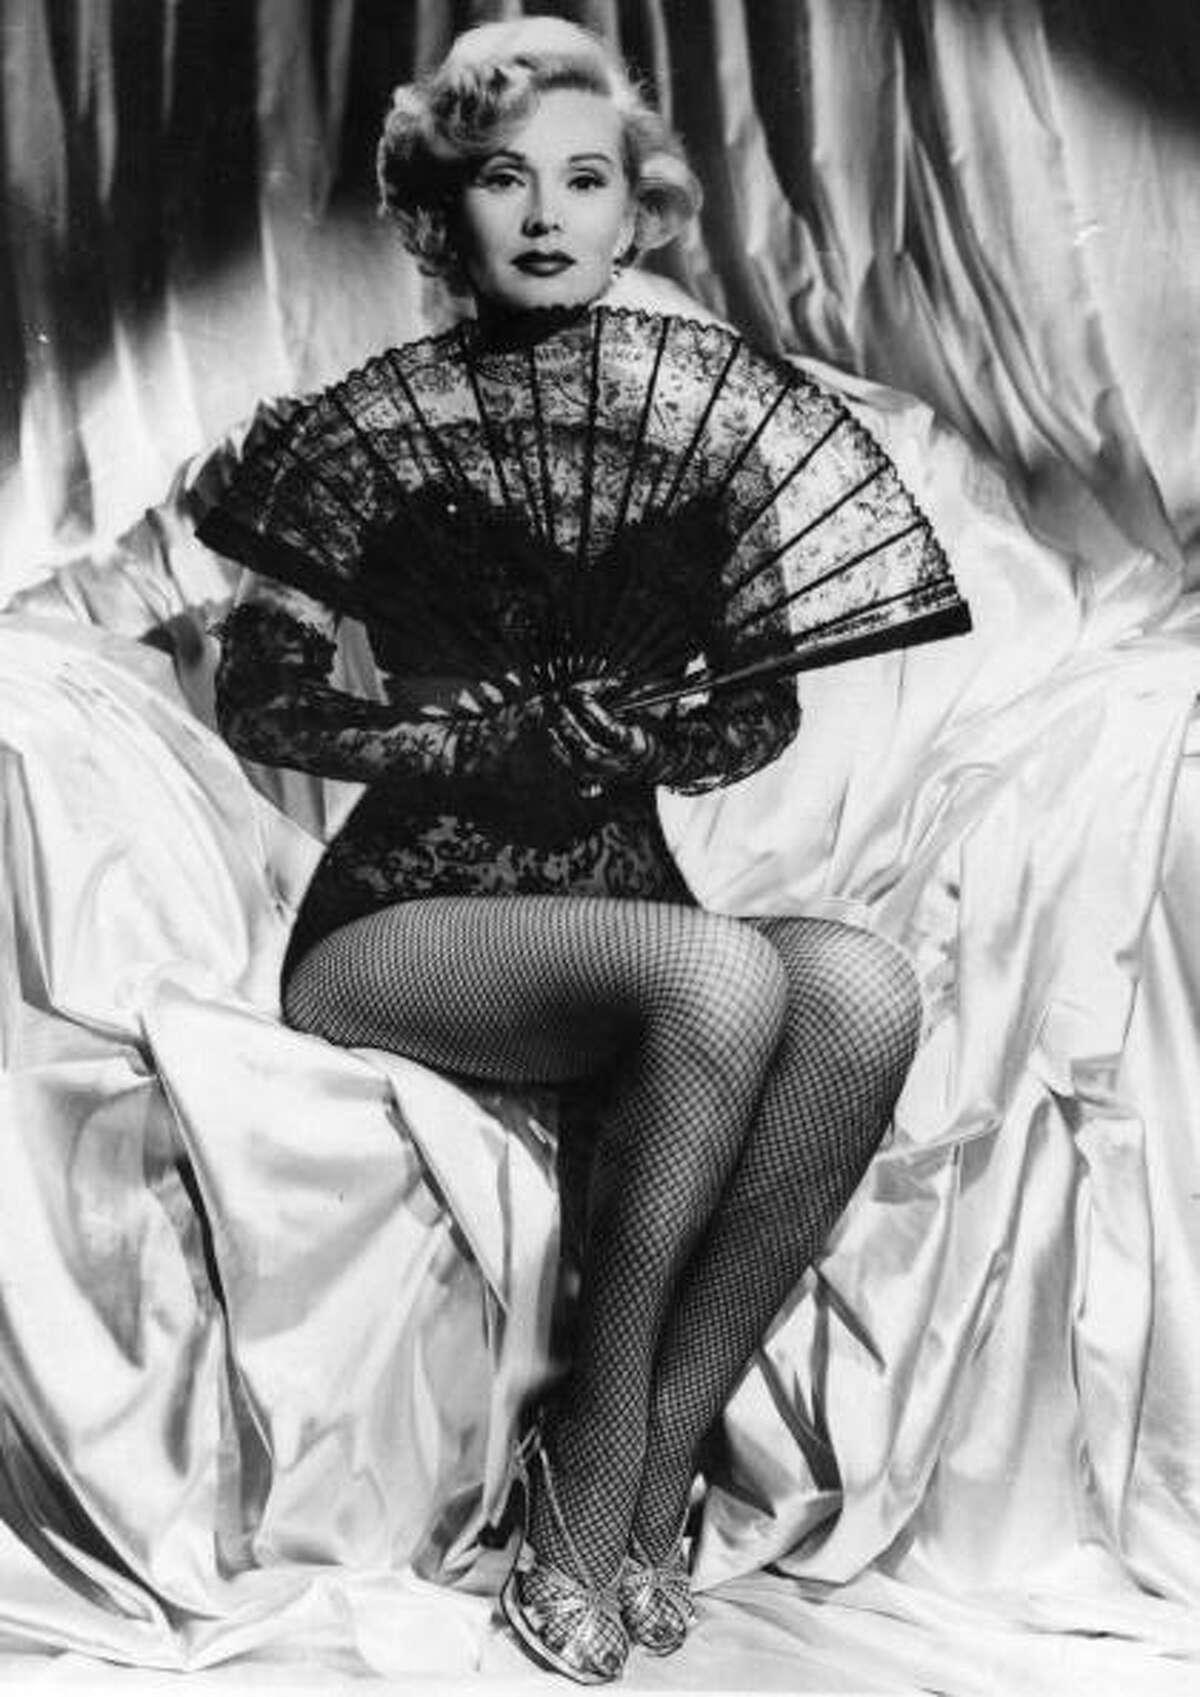 Hungarian born actress Zsa Zsa Gabor.